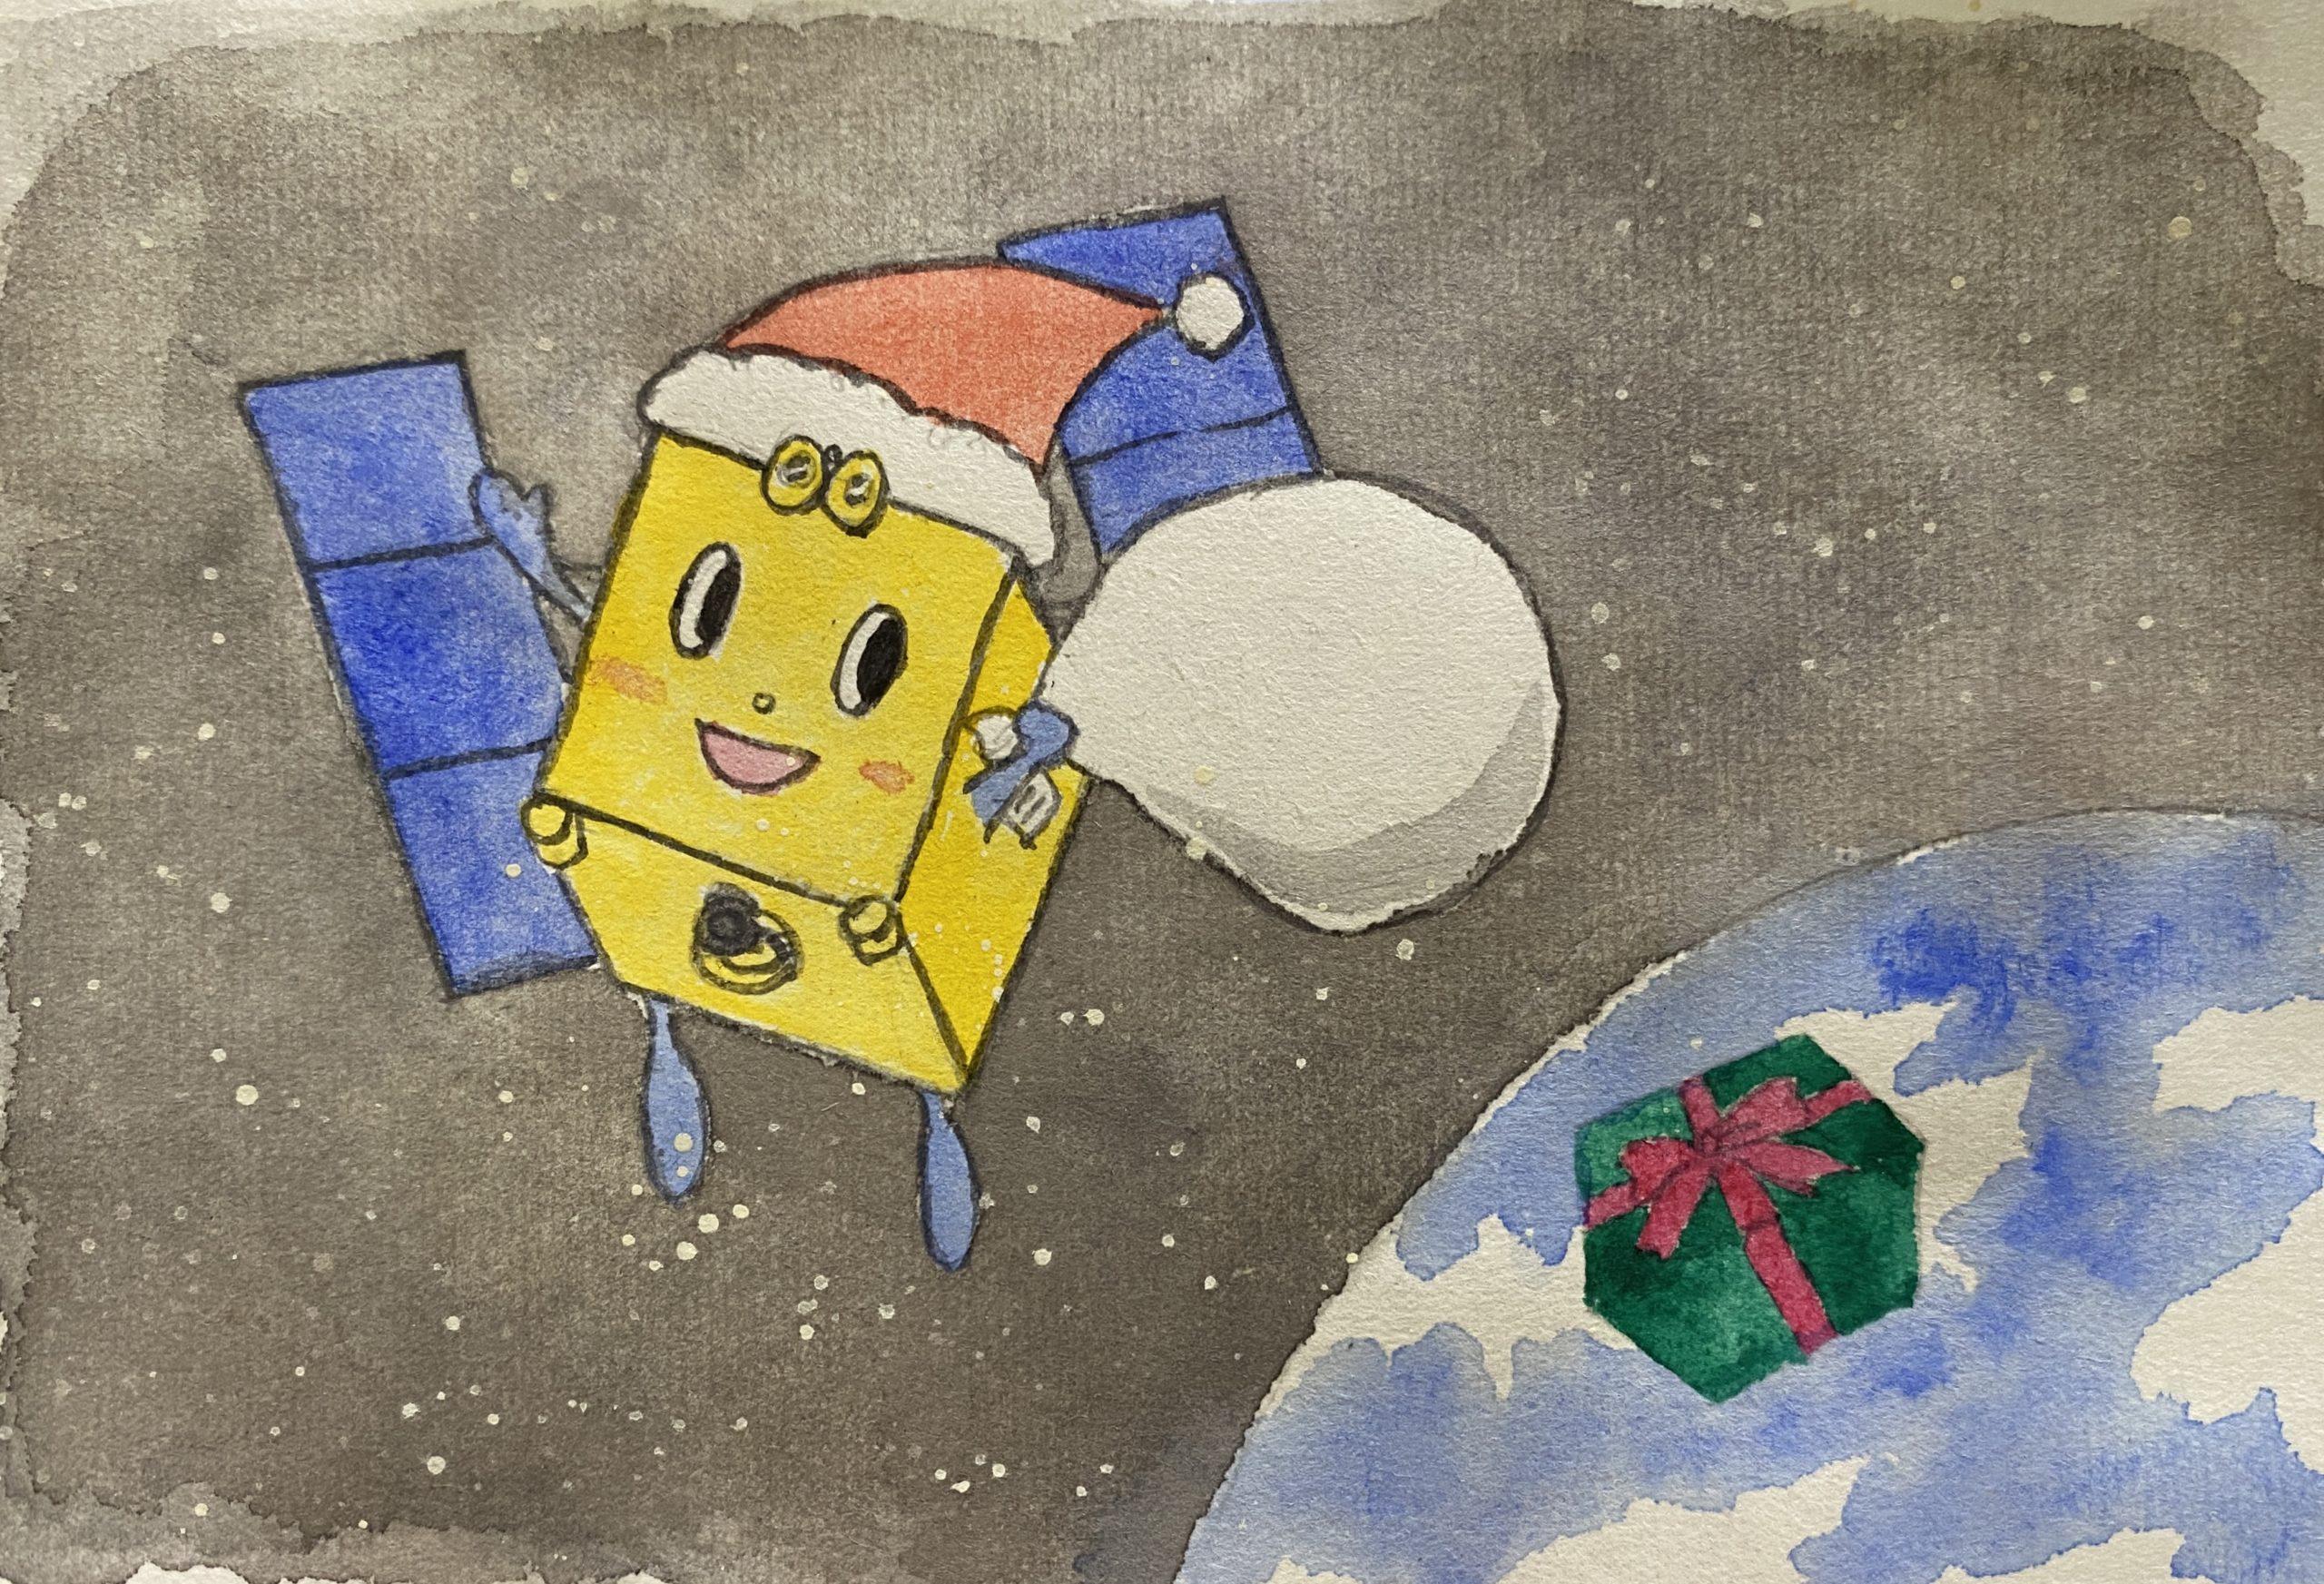 宇宙からの贈り物の投稿写真